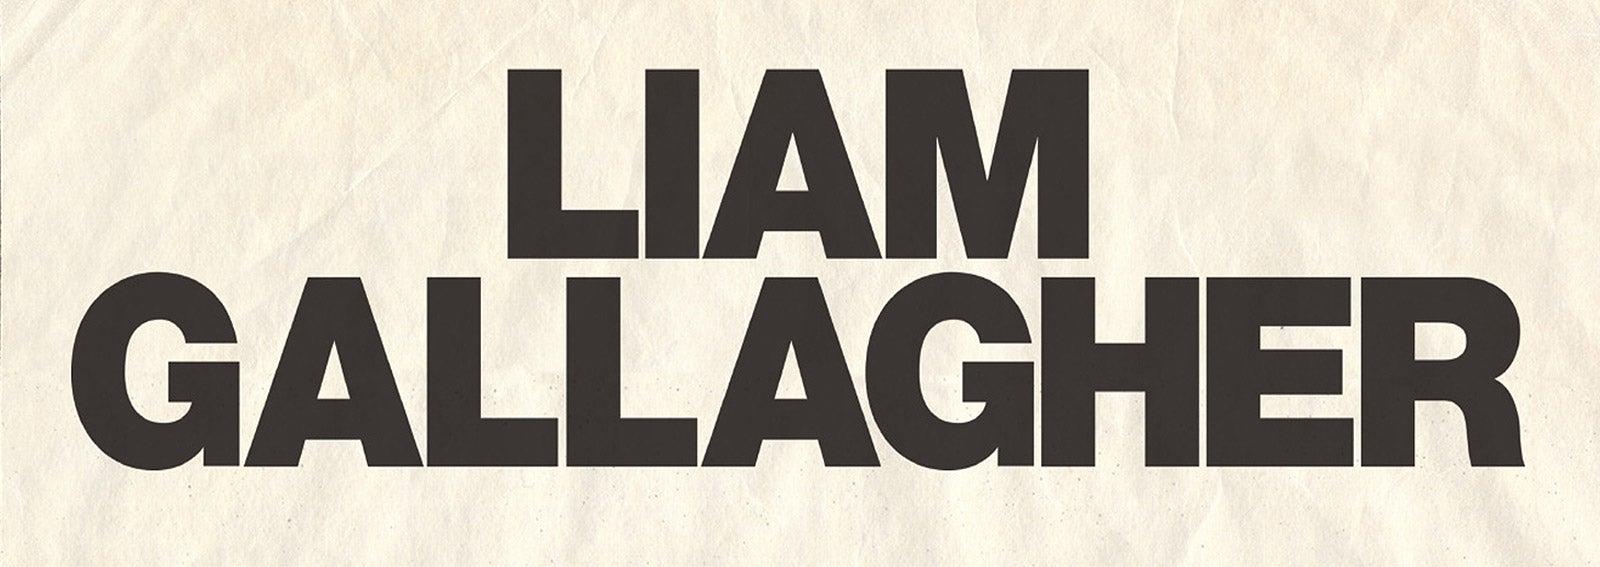 Liam_Gallagher_1600x567.jpg